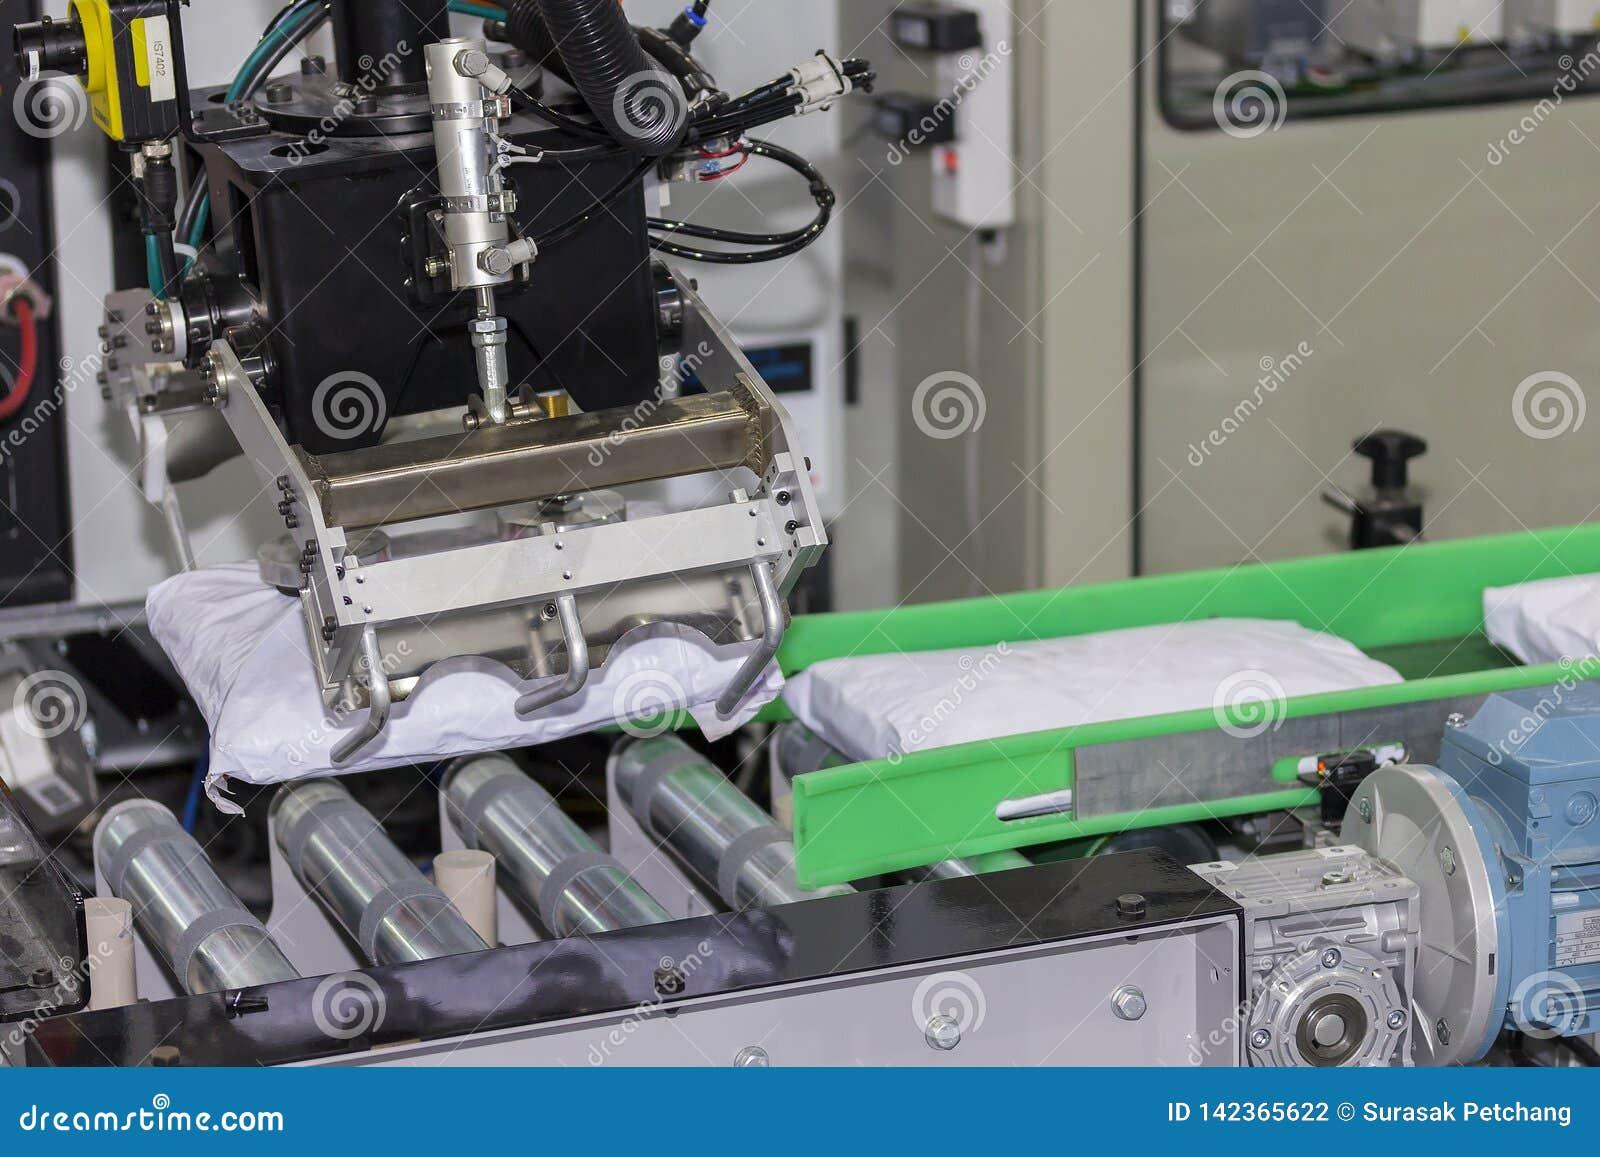 Το πιάσιμο ρομπότ υψηλής τεχνολογίας και ακρίβειας με το αυτόματο κενό για τα αγαθά σύλληψης τοποθετεί σε σάκκο στο μεταφορέα κυλ